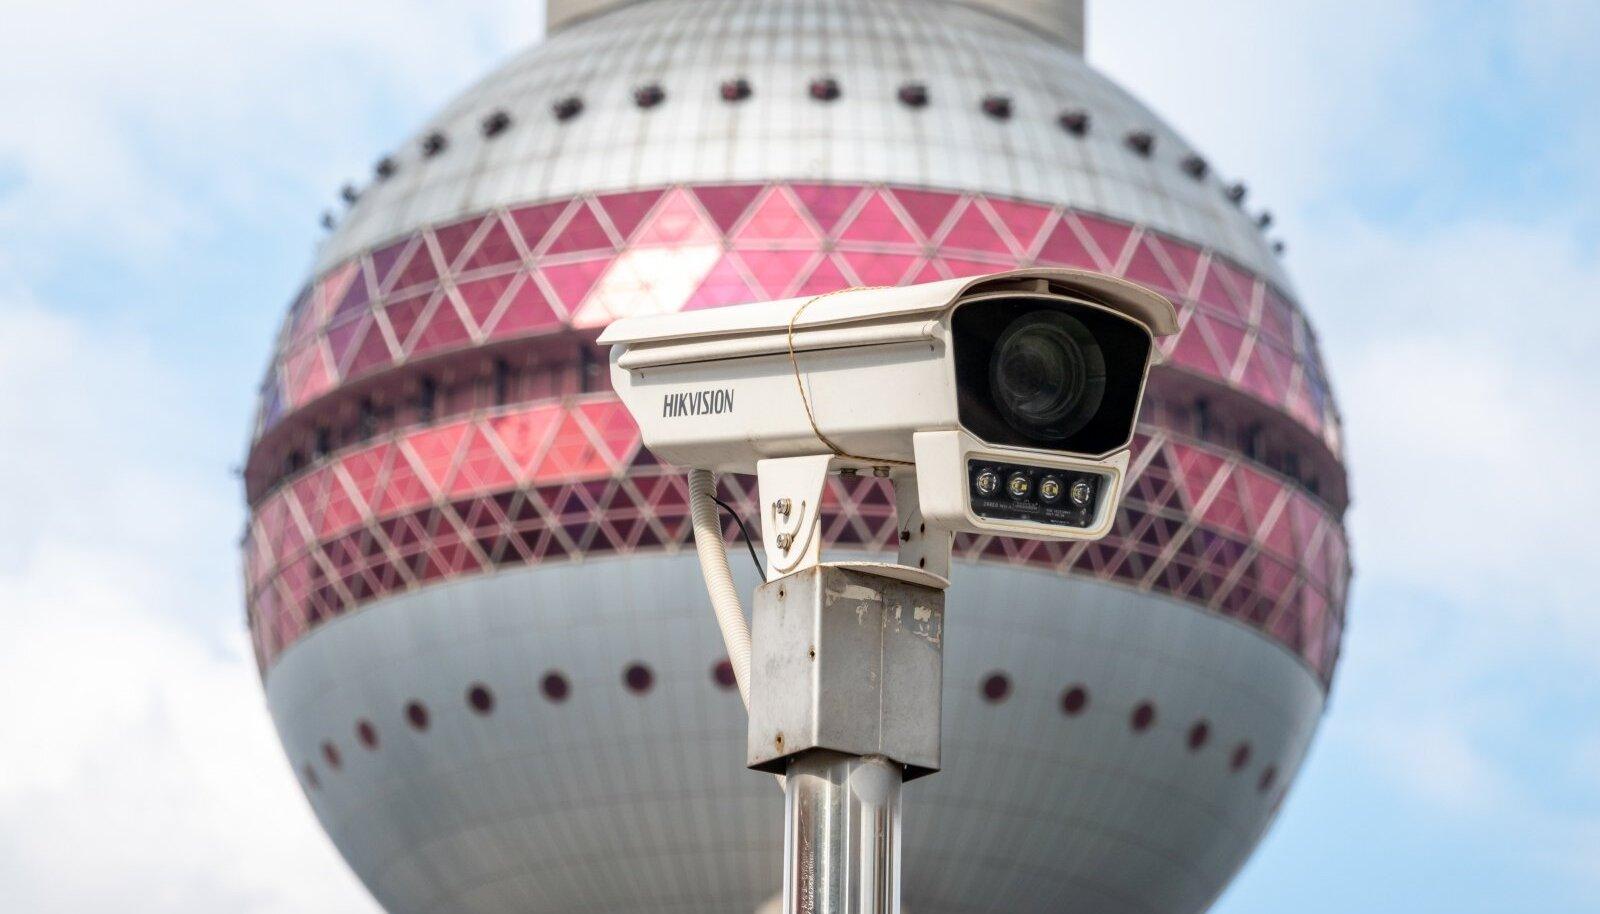 POLITSEI LEMMIK: Hiina firma Hikvision kaameraid kasutab nii Eesti politsei kui paljud teised riigiasutused.